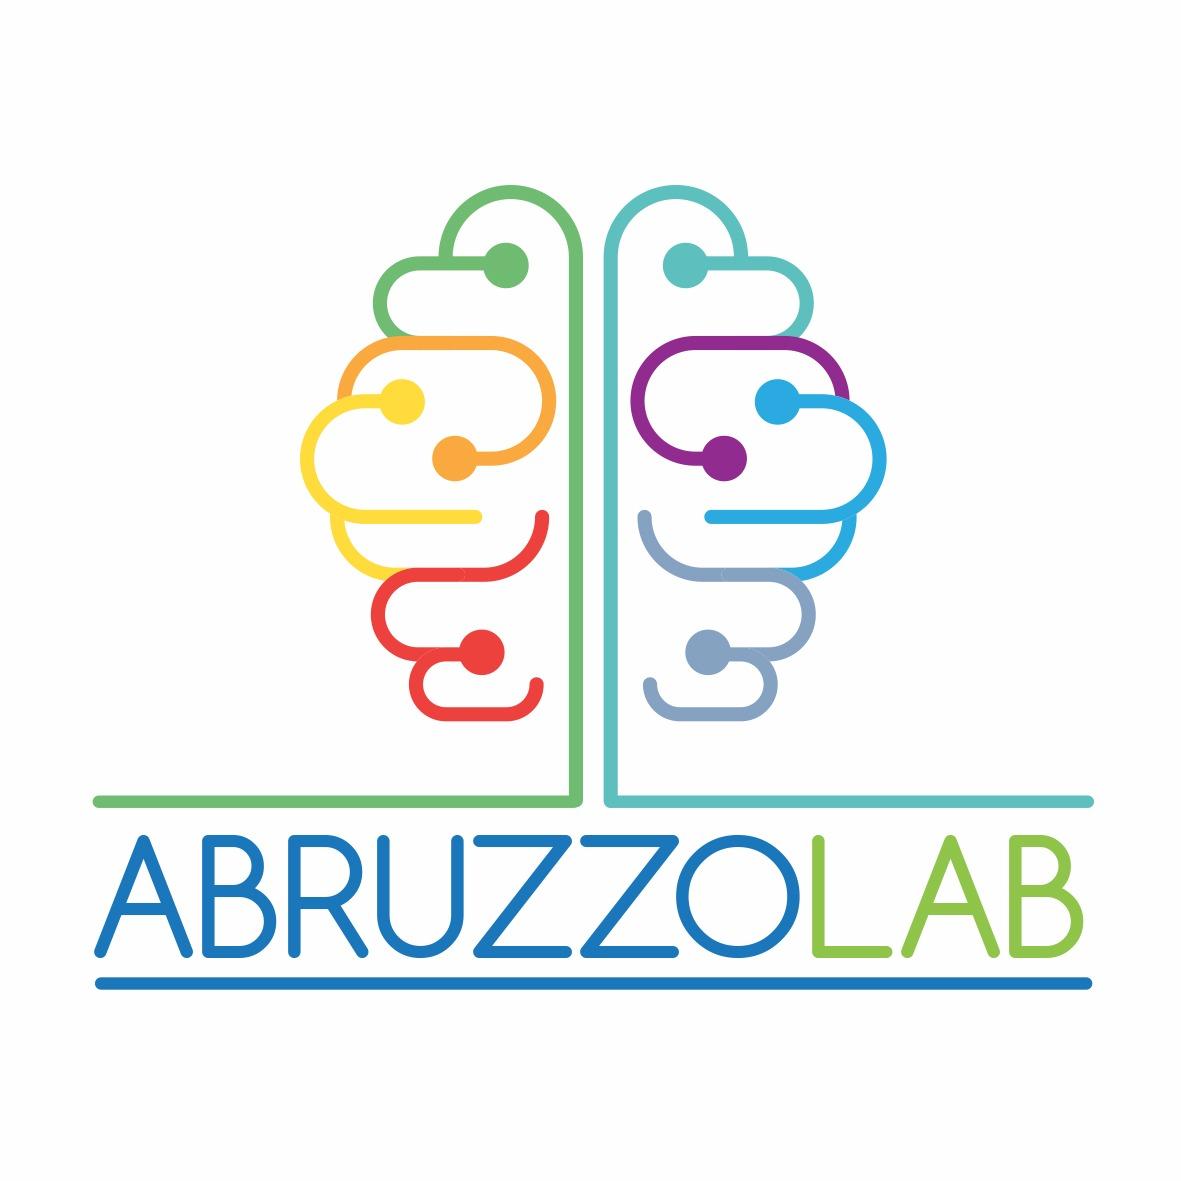 Preconsigli pubblici: la nuova iniziativa di Abruzzo Lab